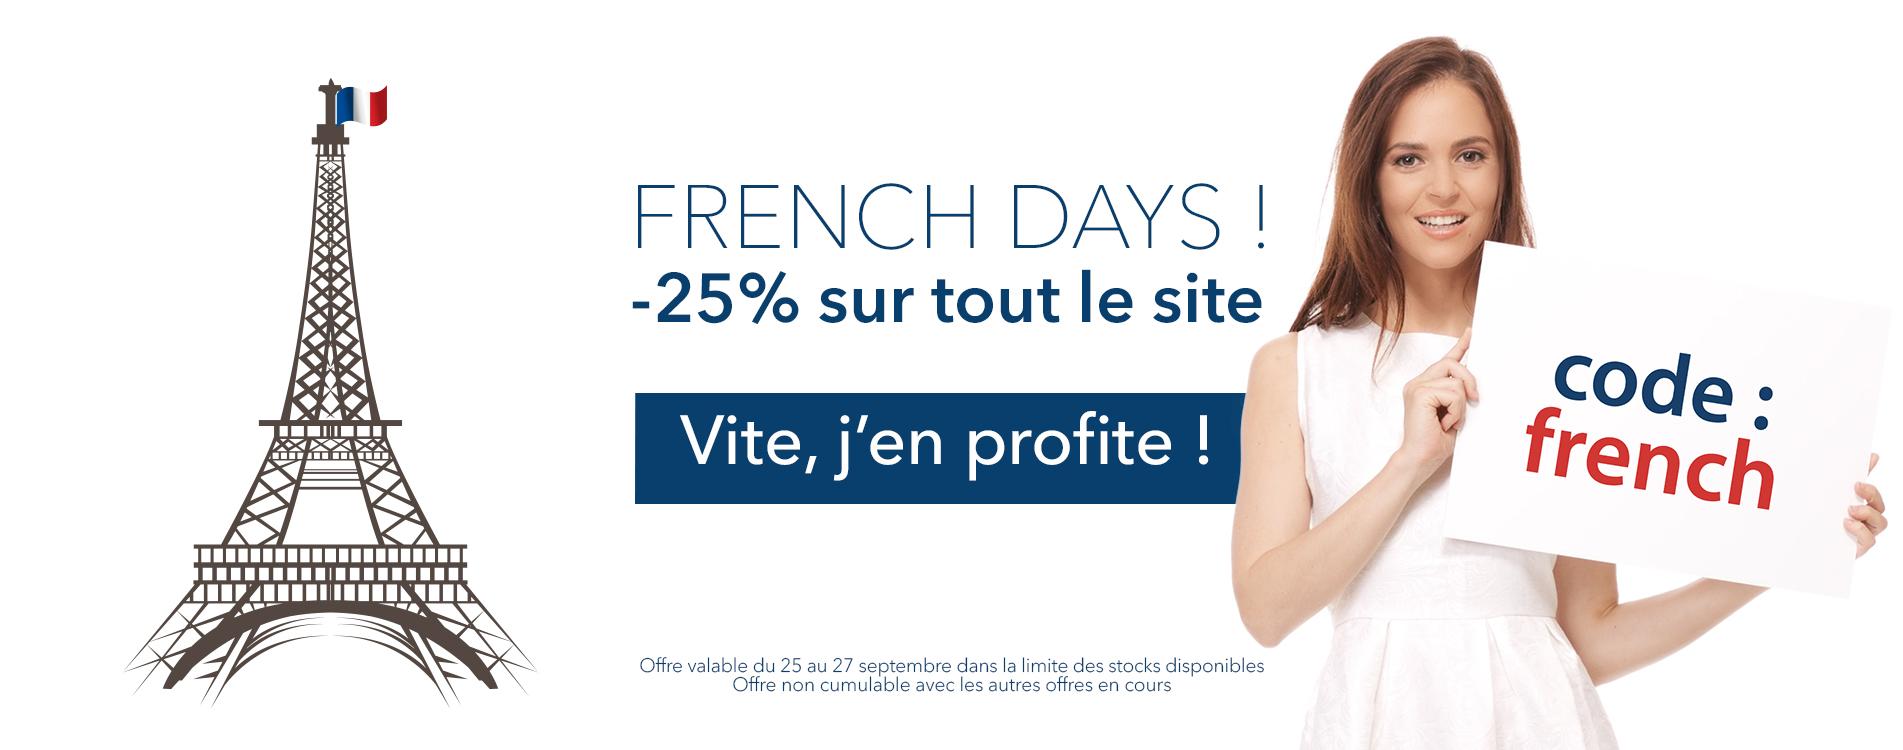 -25% sur toute la boutique pour les French days